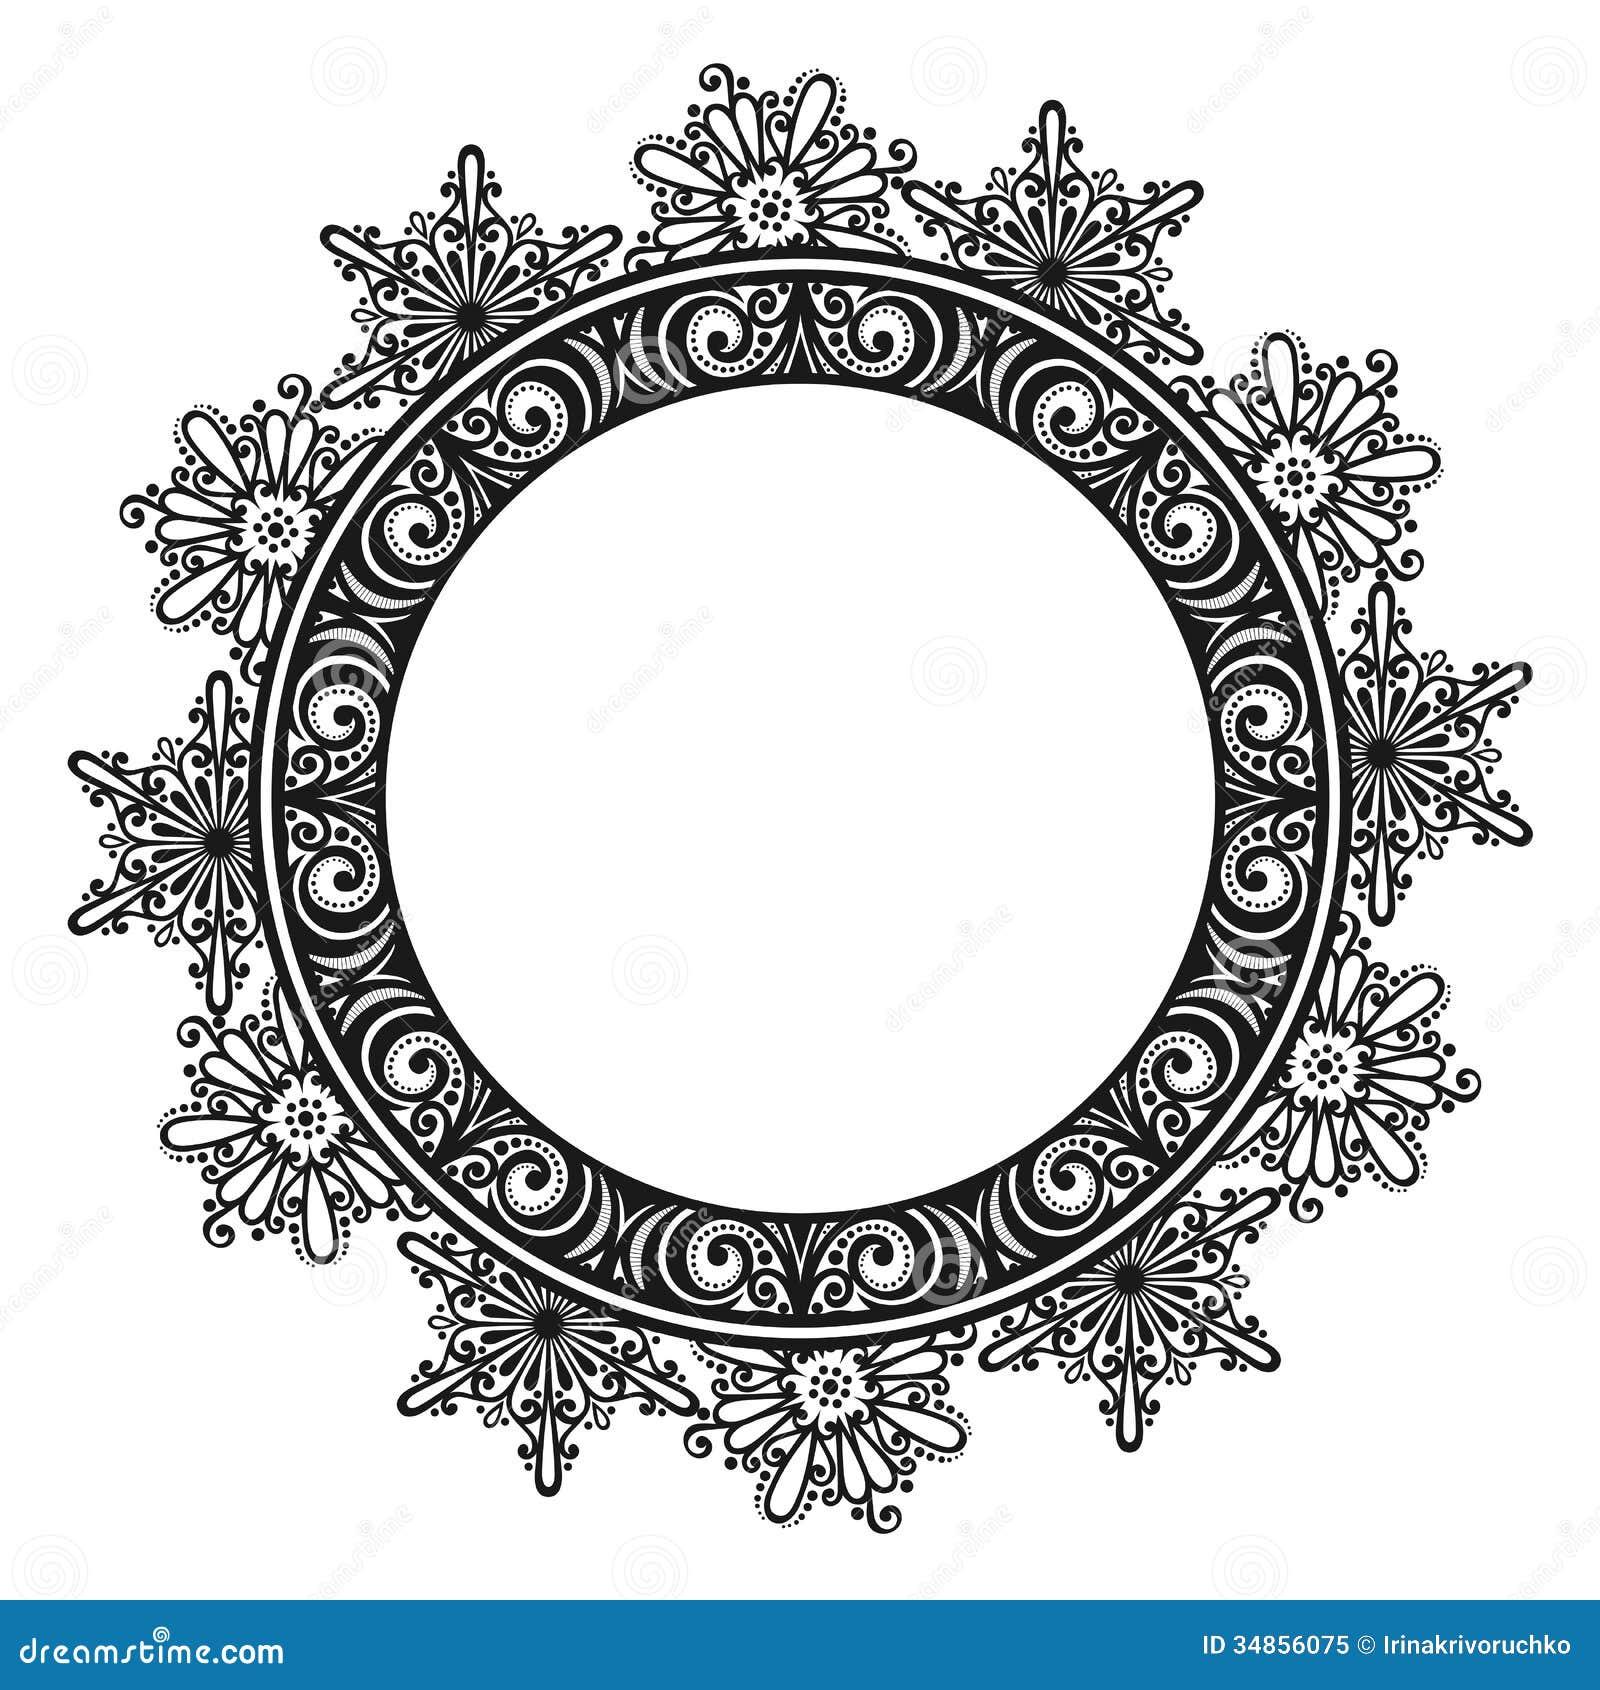 Decorative Round Frame Royalty Free Stock Photo - Image: 34856075